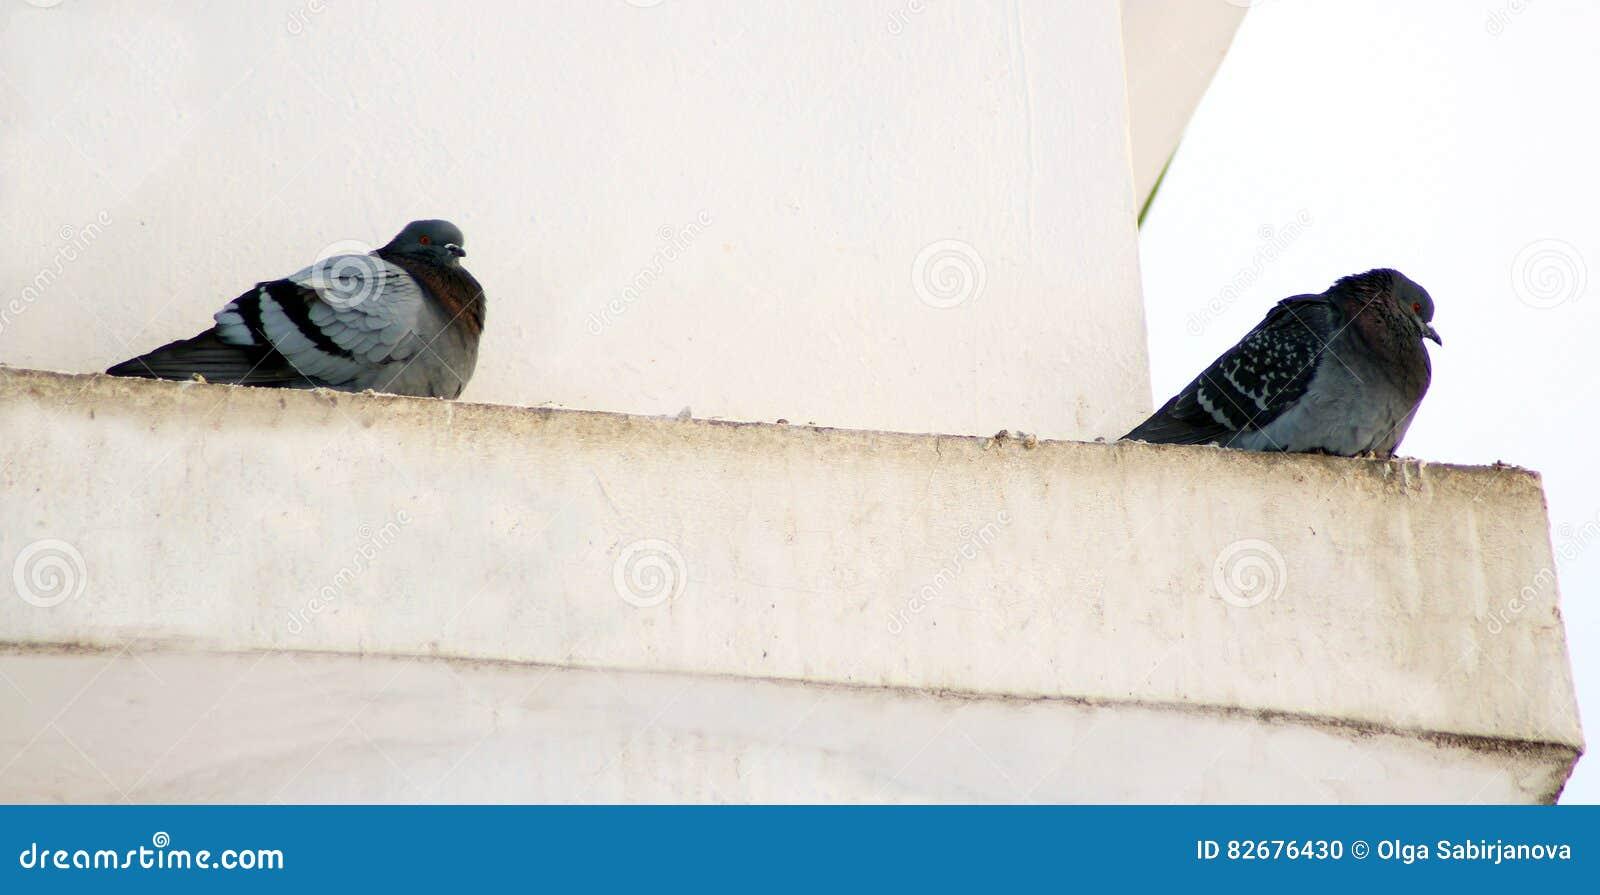 Pombos no inverno, pássaros que esperam o alimento dentro